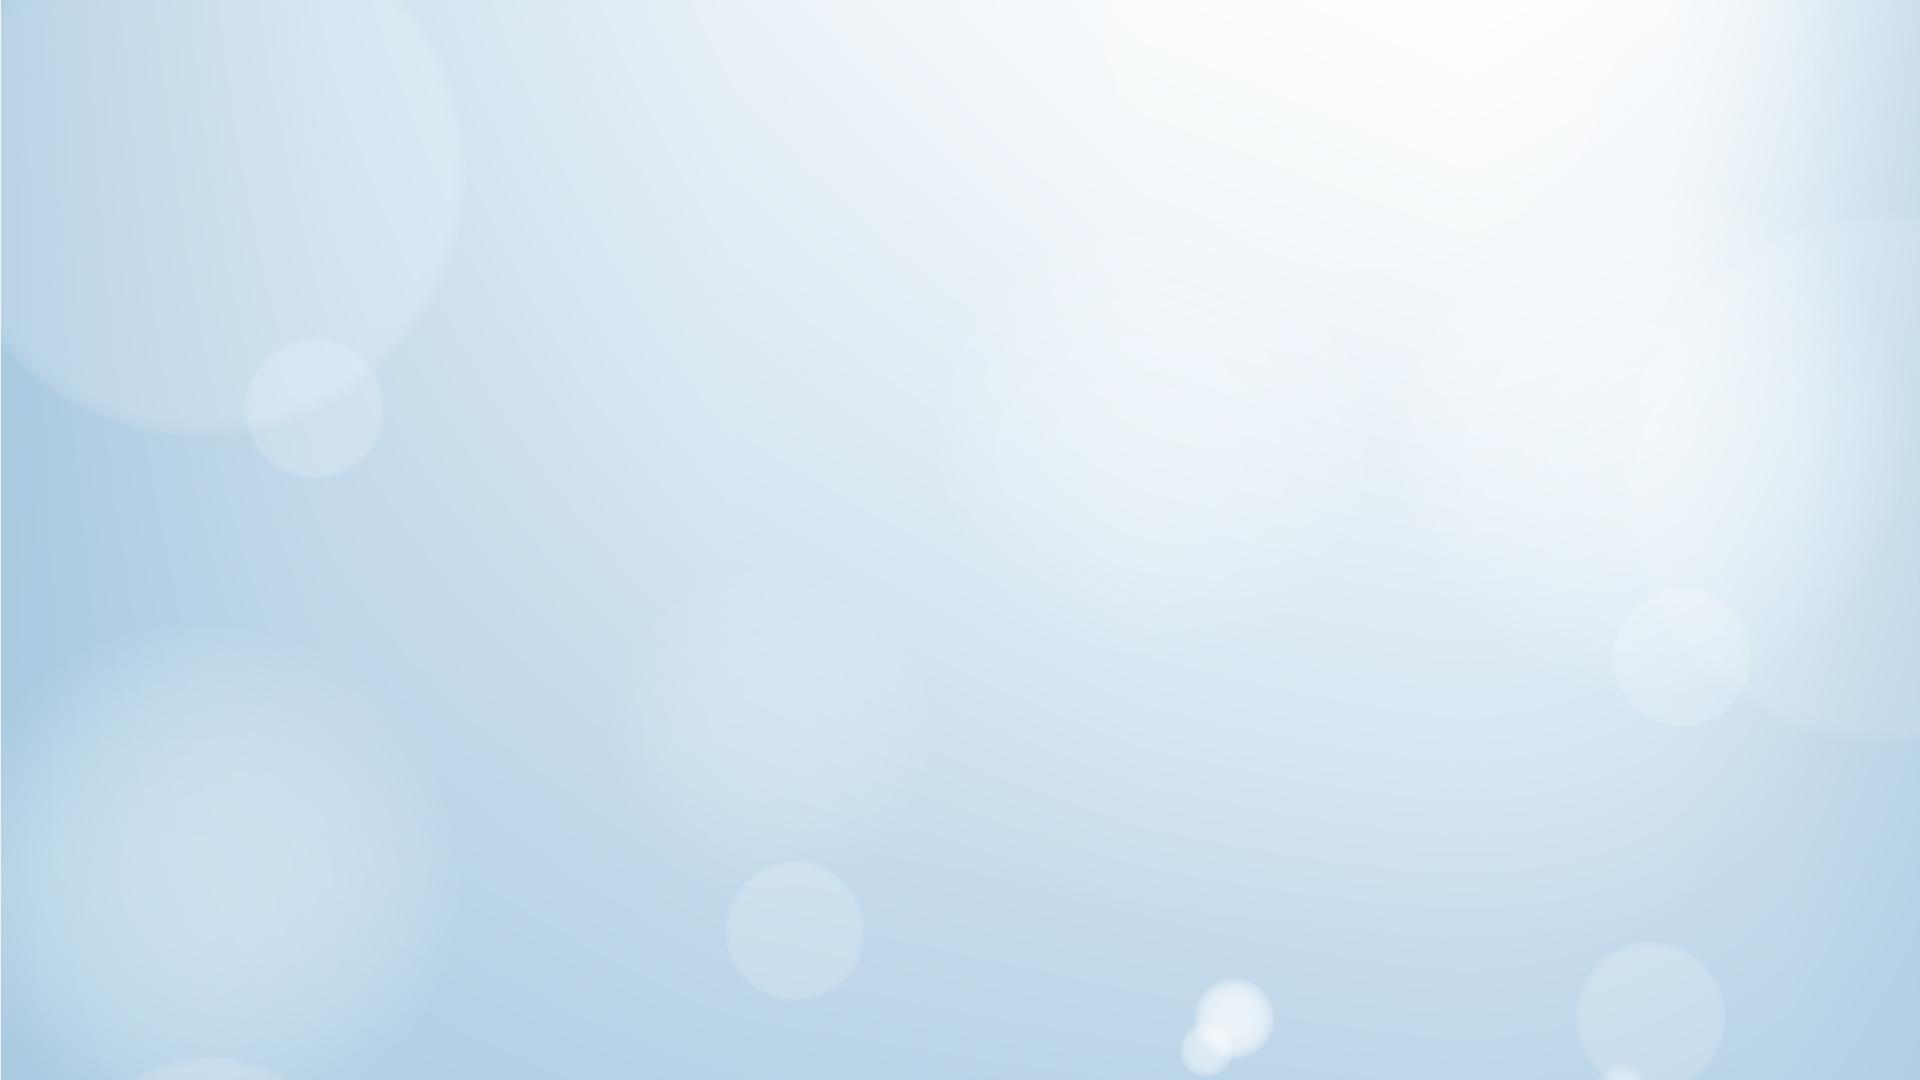 94f6f768b2be3 Luxus Kosmetikprodukte mit hochwertigen Inhaltsstoffen für Privat ...